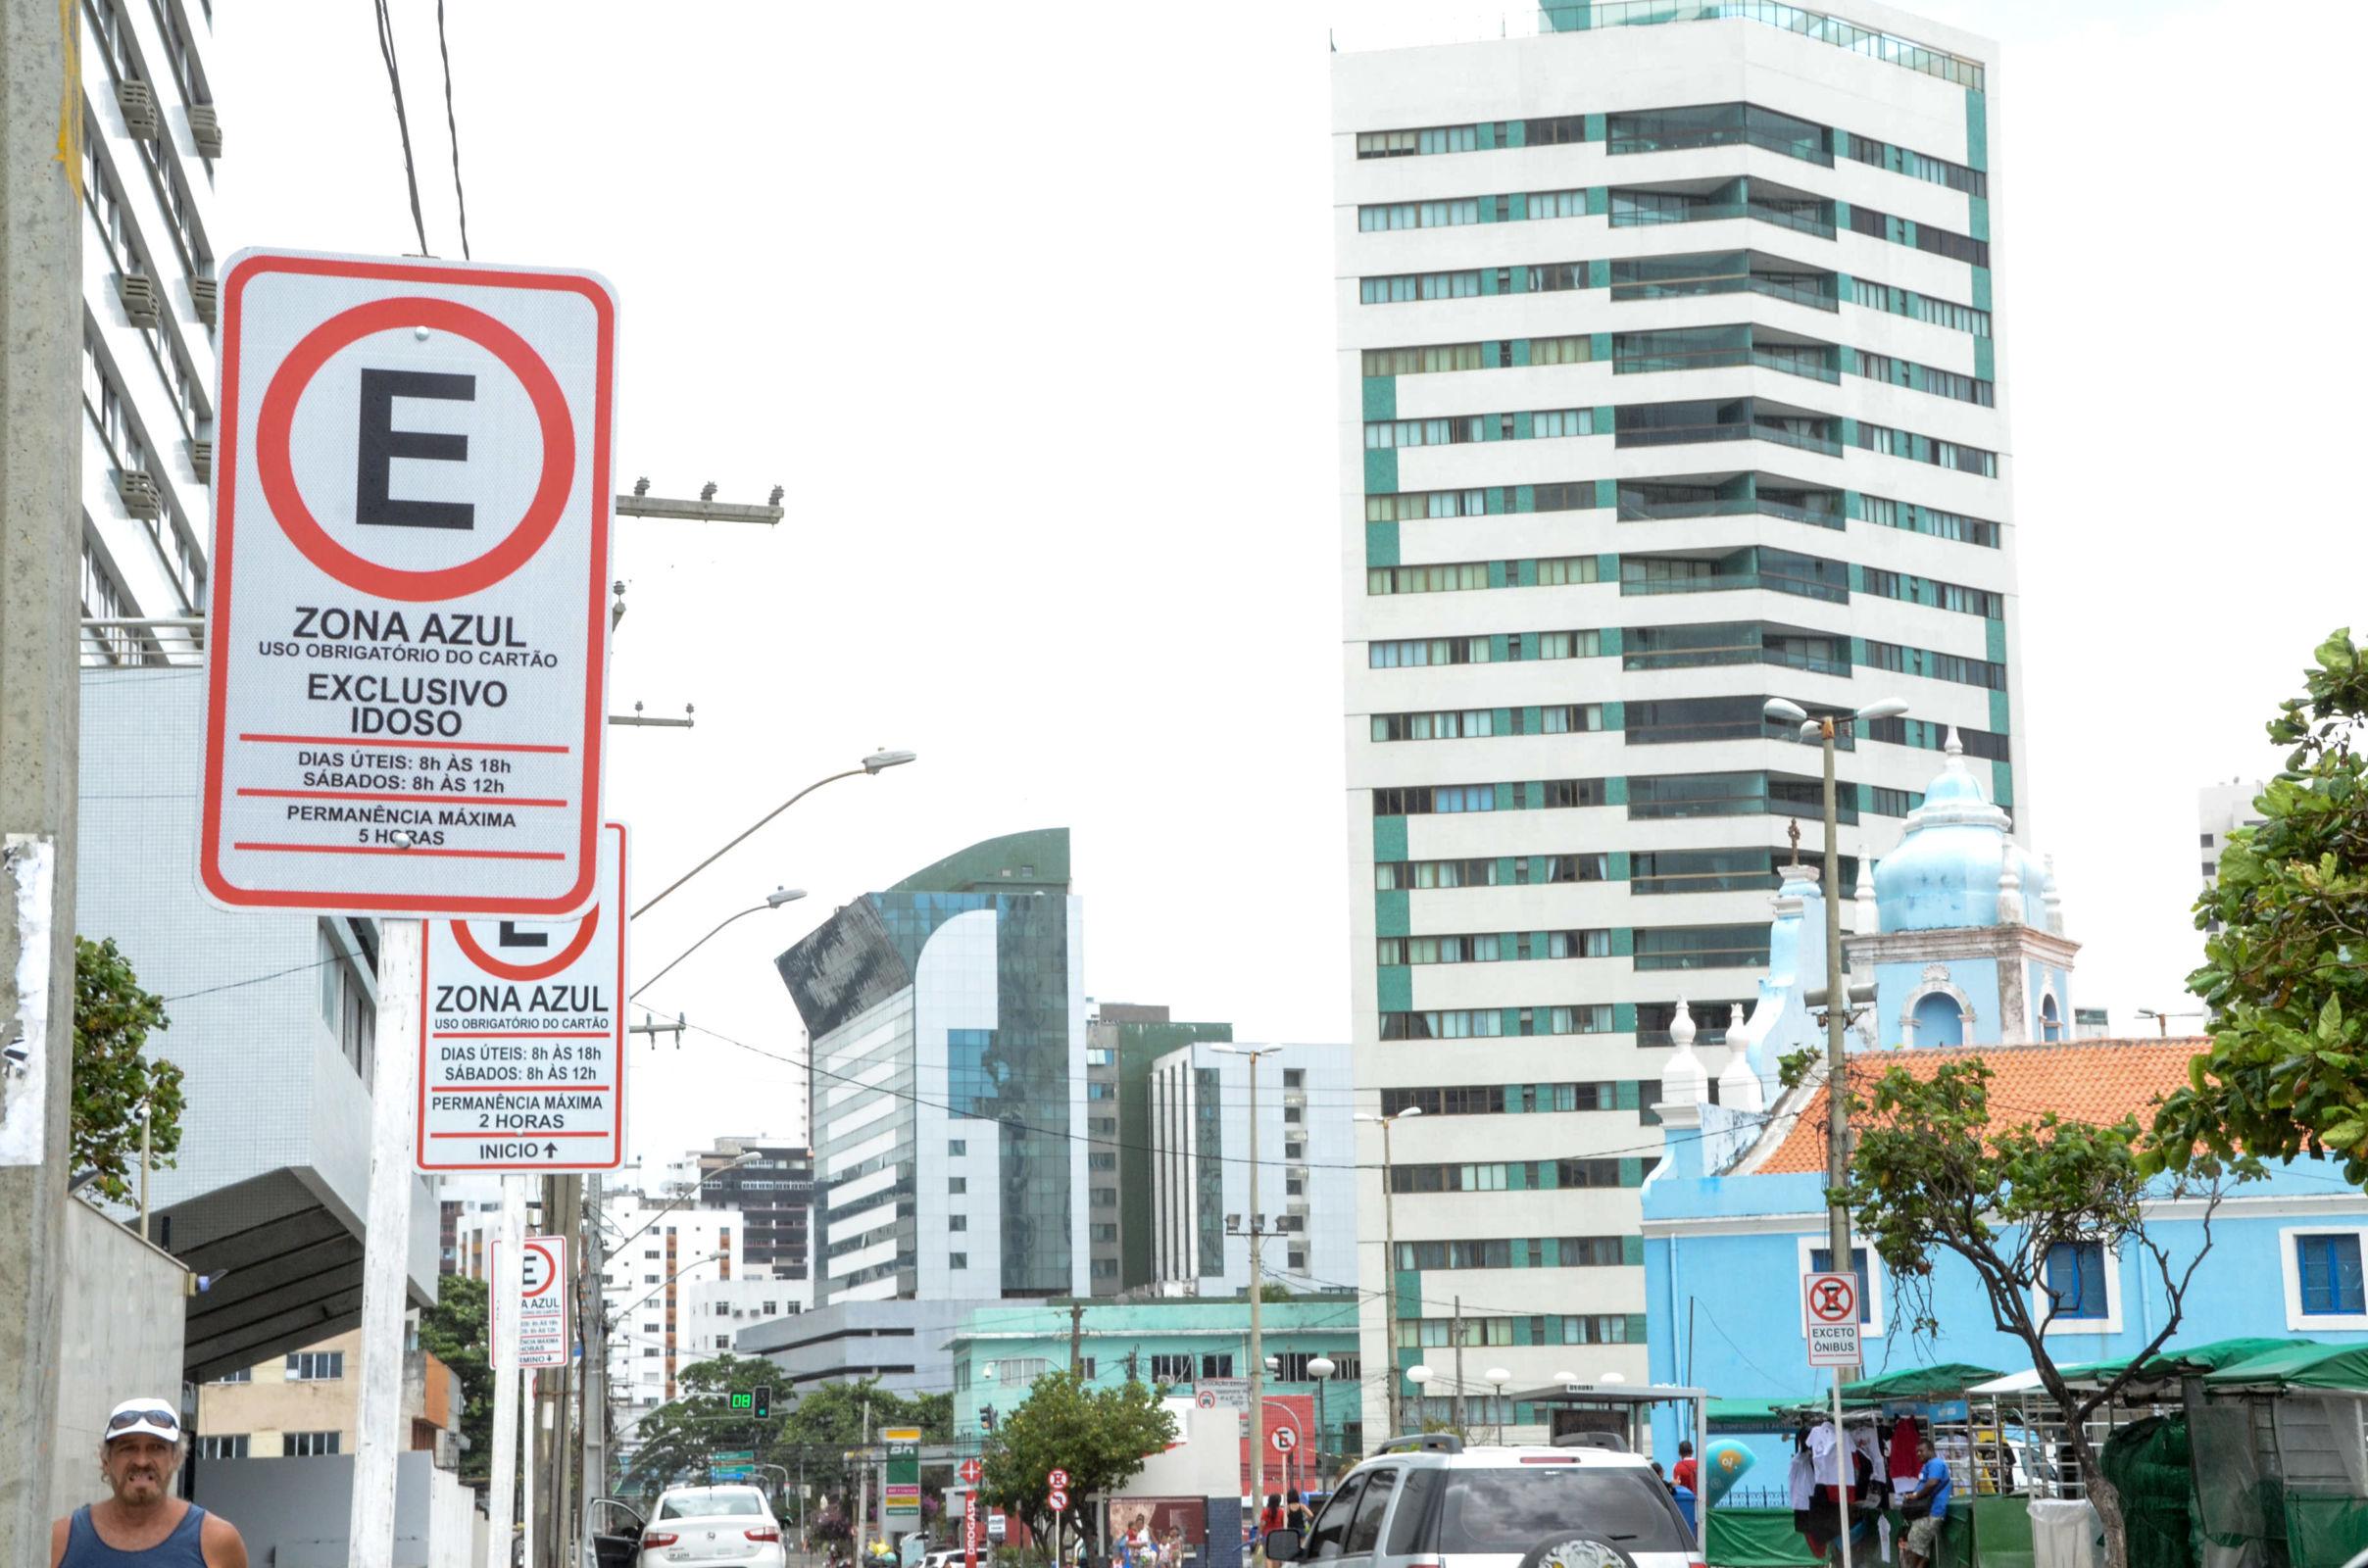 Para escapar das multas, motoristas devem ficar atentos às regras do estacionamento rotativo em cada local, pois ela é definida pela administração municipal